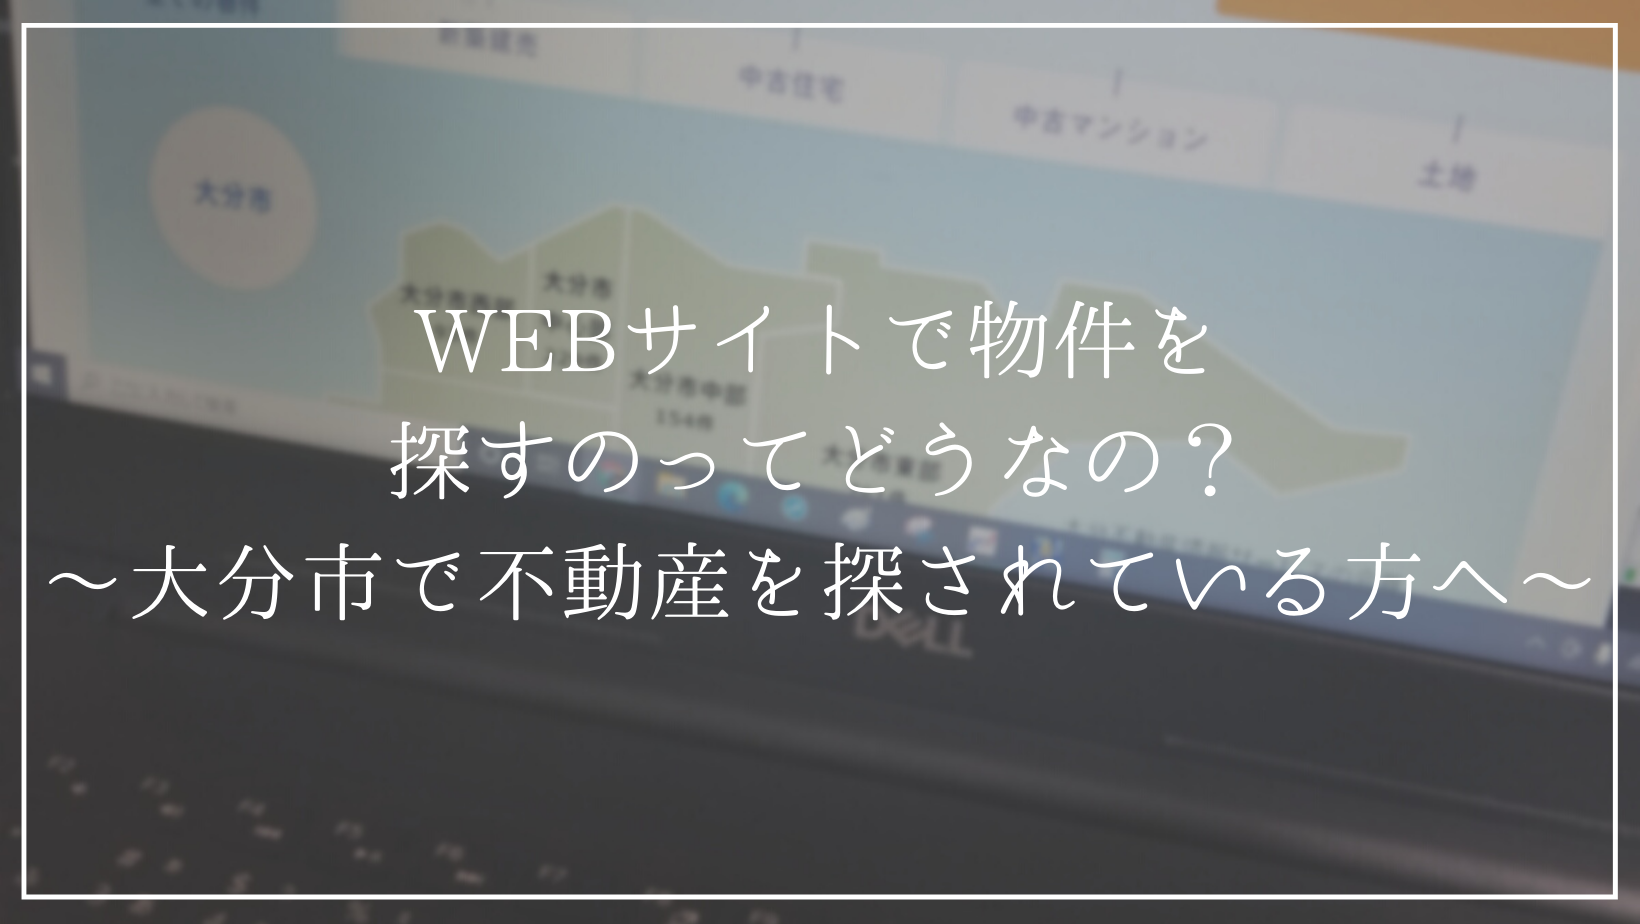 WEBサイトで物件を探すのってどうなの?〜大分市で不動産を探されている方へ〜